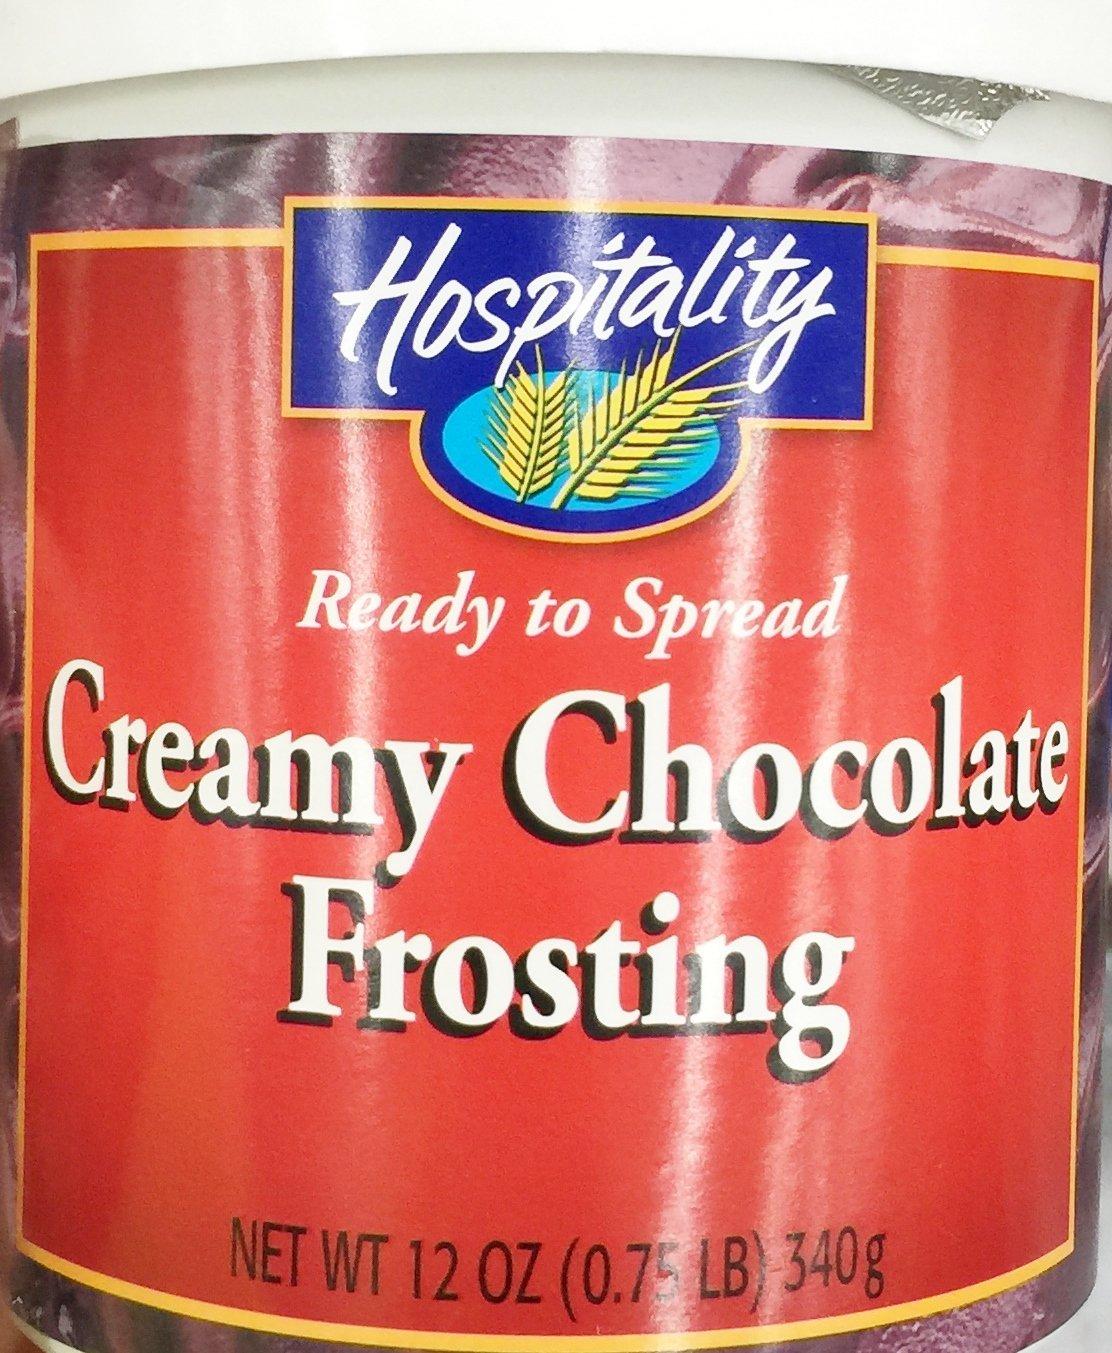 Hospitality Creamy Chocolate Frosting, 12 oz